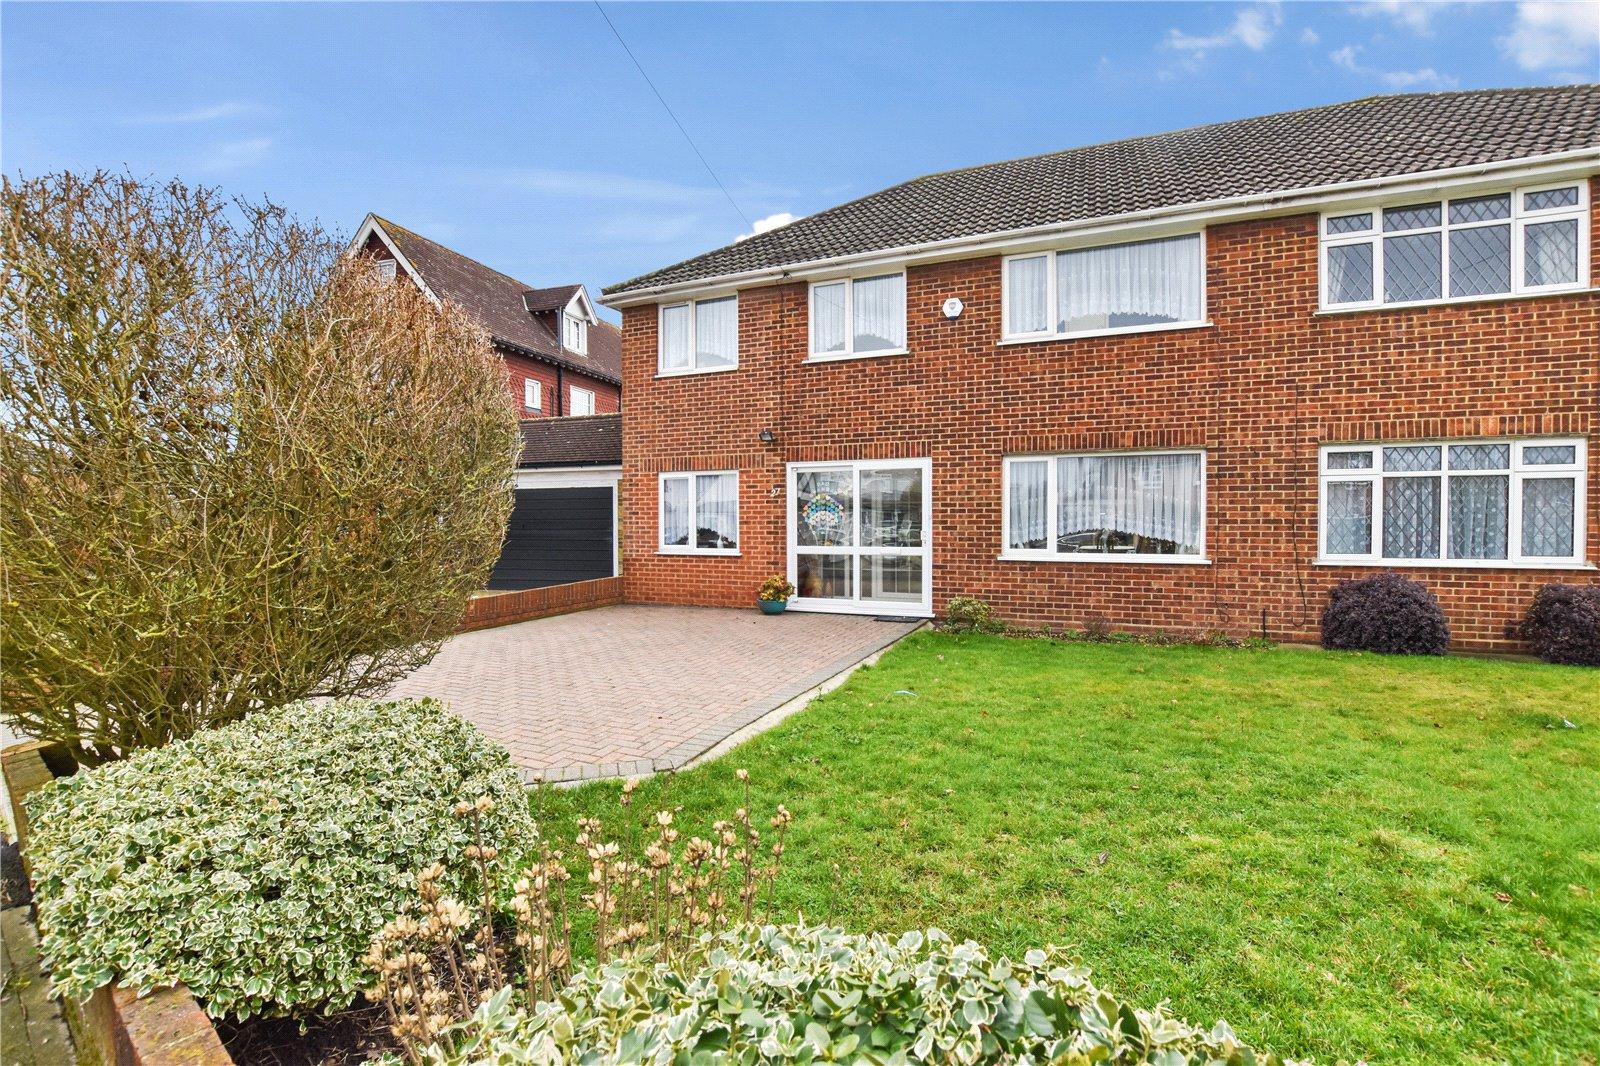 Broomfield Road, Bexleyheath, Kent, DA6